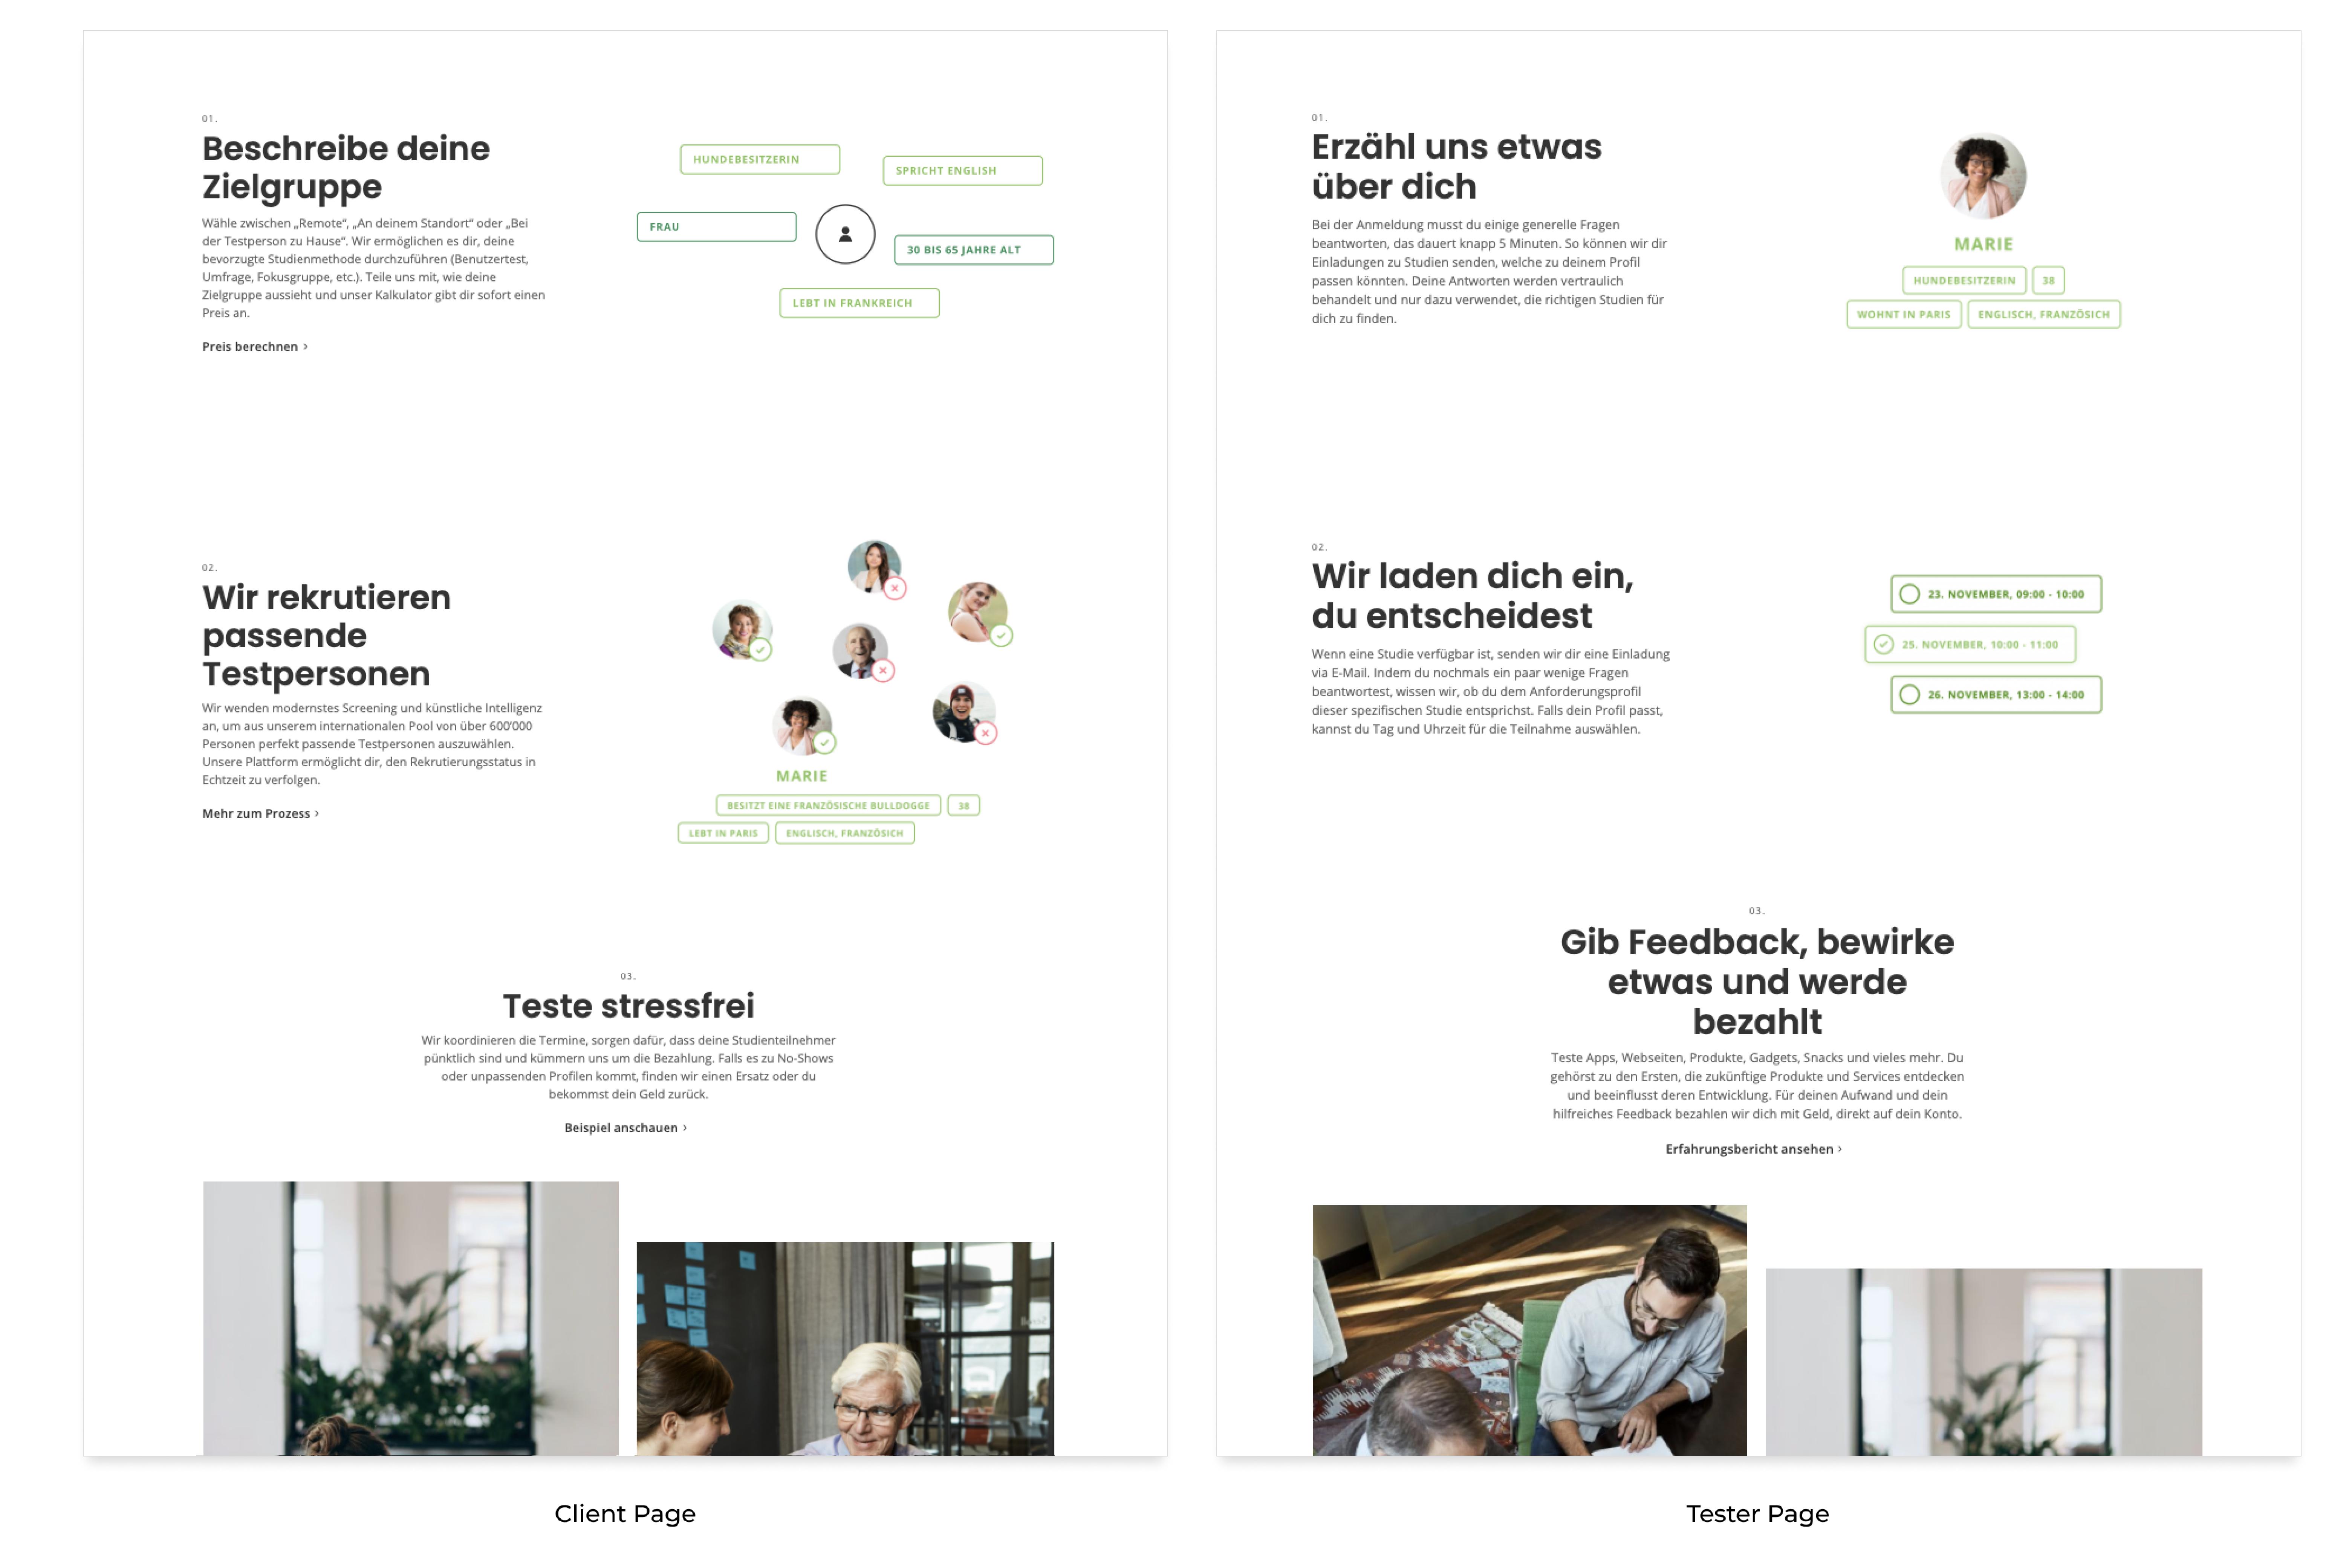 Kunden Homepage vs. Testpersonen-Registrierungsseite